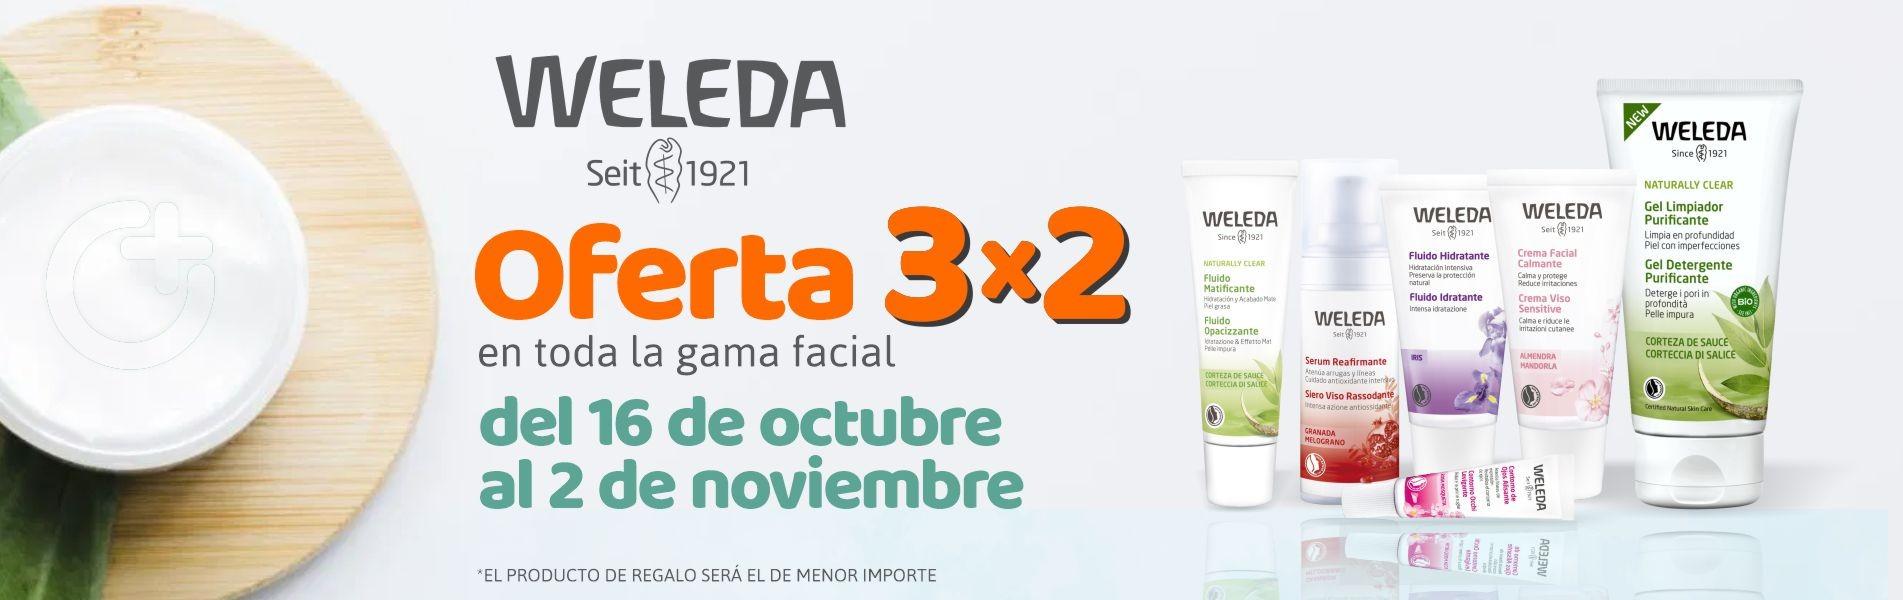 Promo weleda 3x2